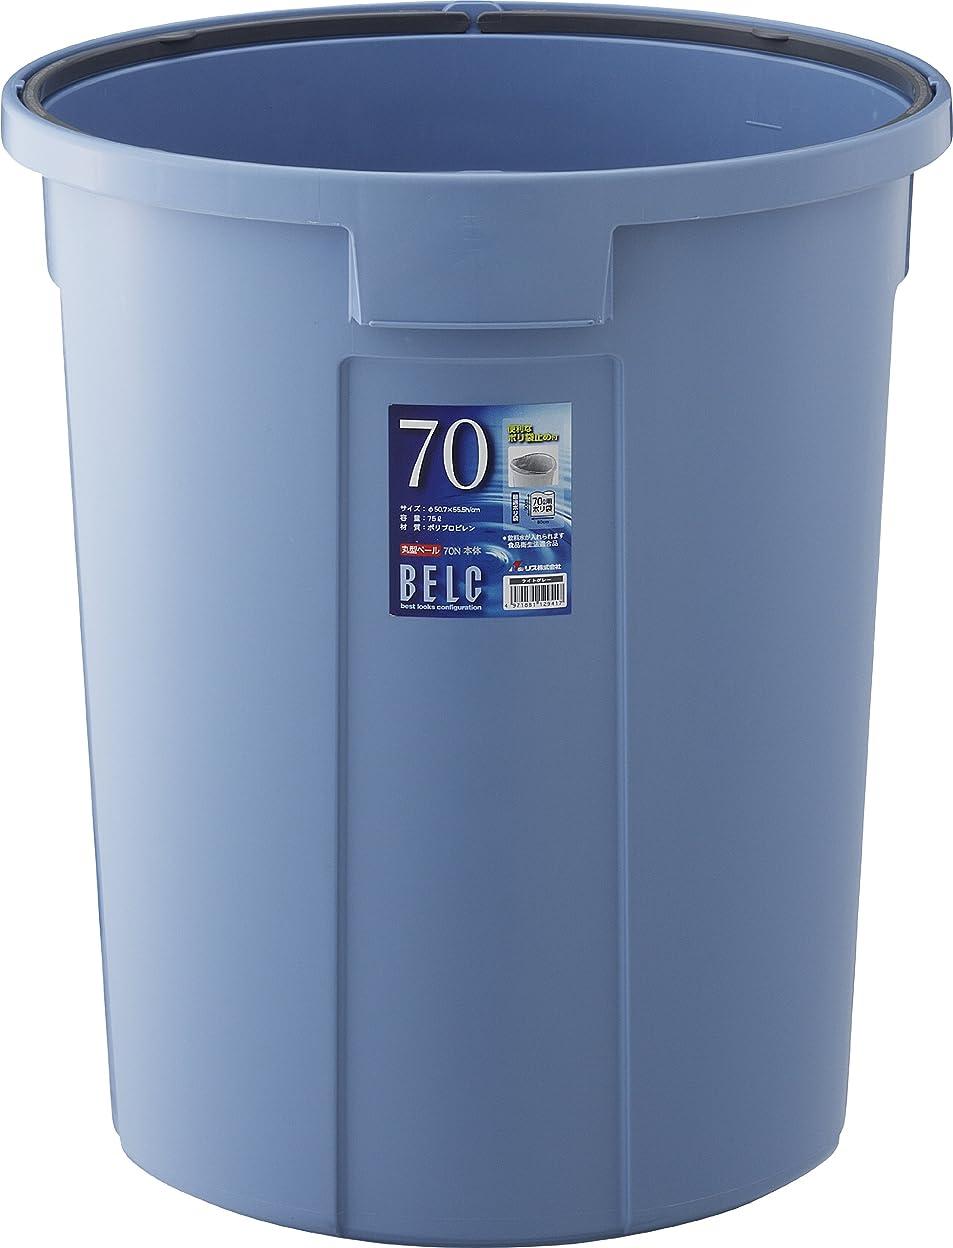 小説家スペード言い直すリス 『ゴミ箱』 ベルク 70N 70L 本体 ブルー